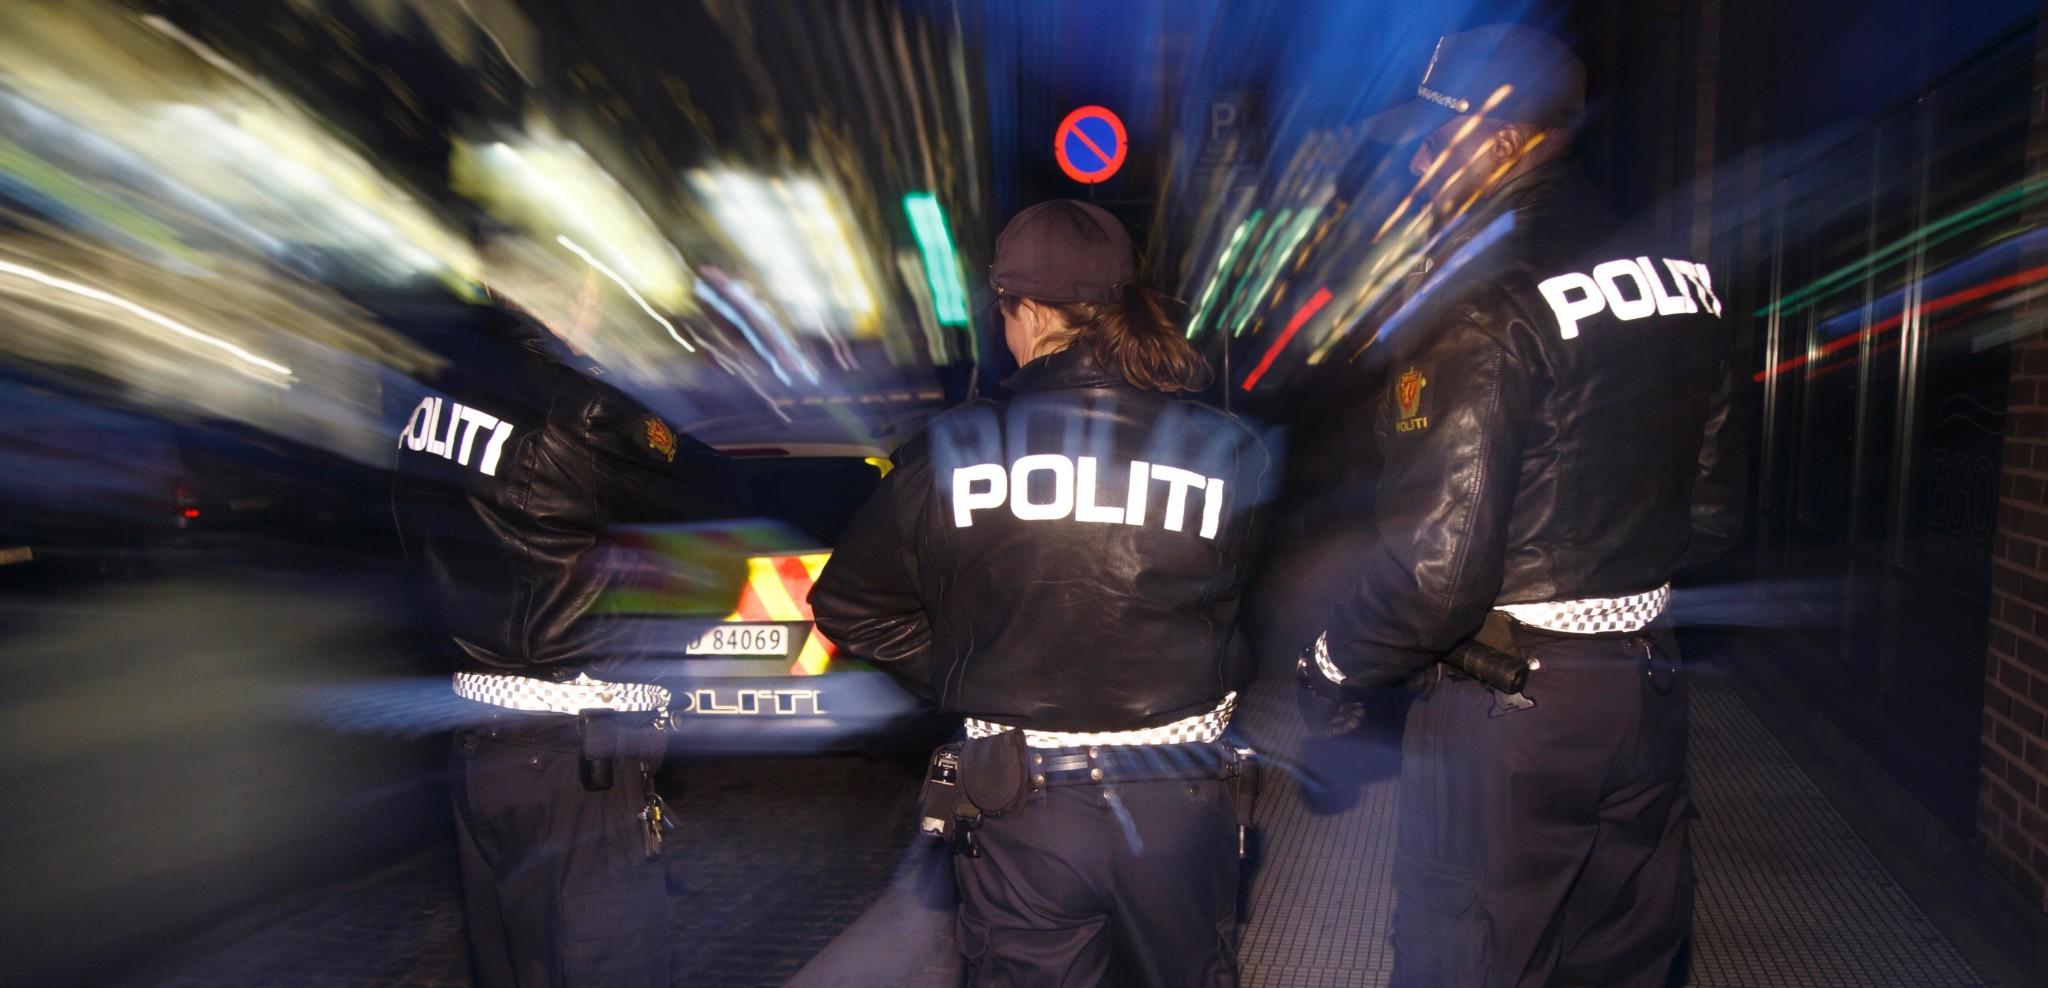 Flere ferske politifolk får jobb